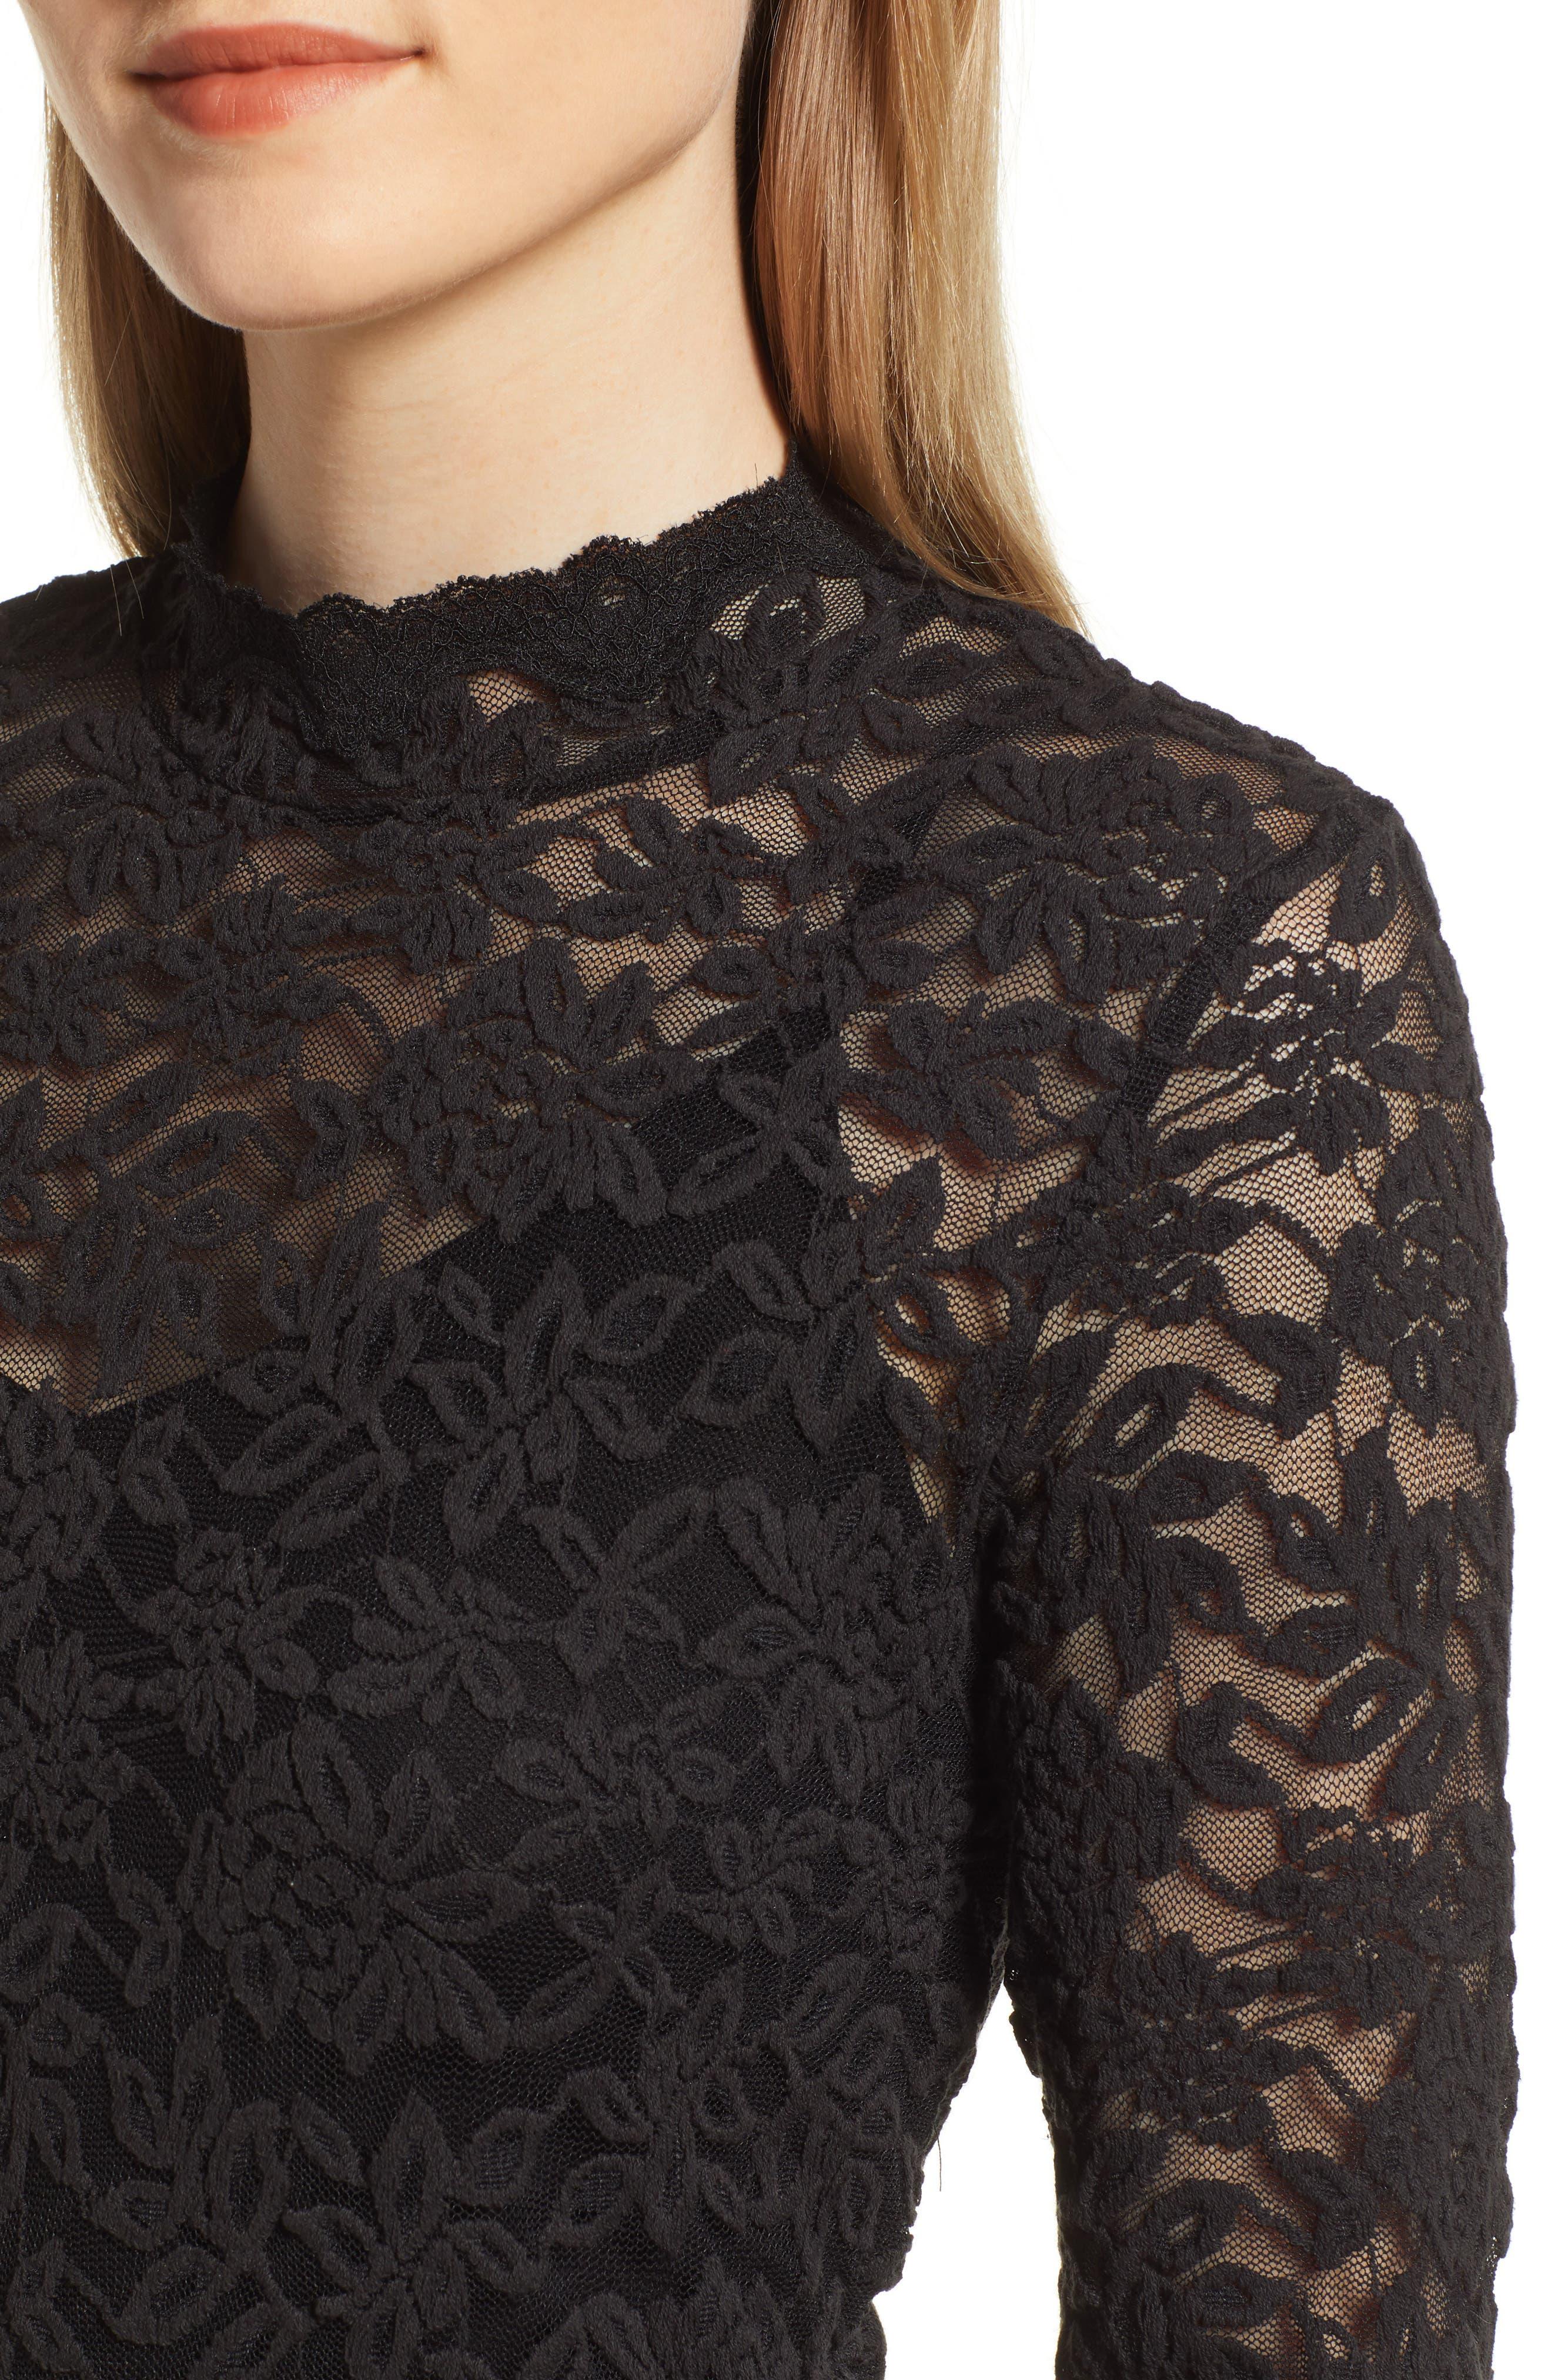 Delicia Lace Body-Con Dress,                             Alternate thumbnail 4, color,                             BLACK SILVER